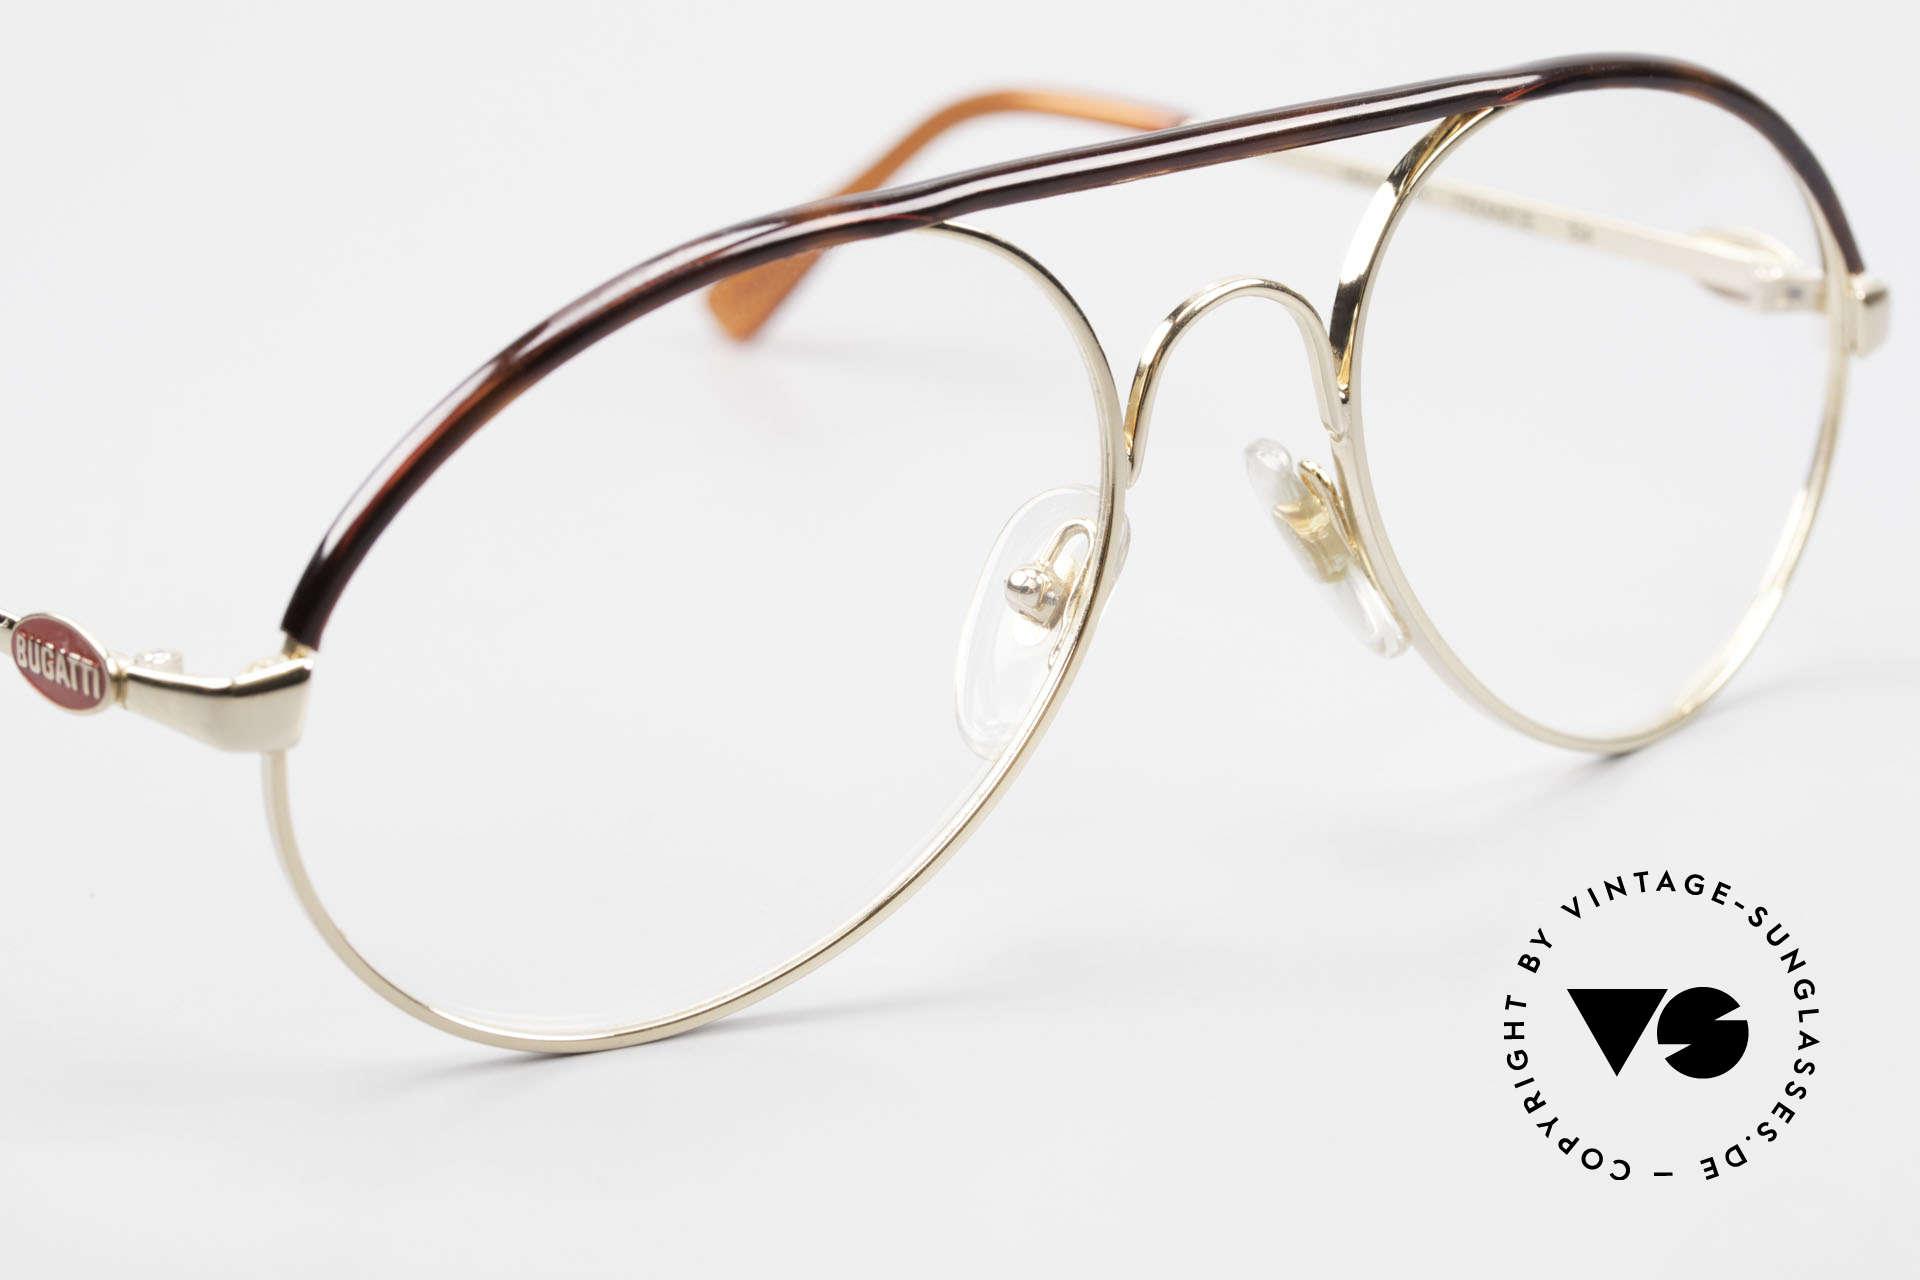 Bugatti 65986 80er Herren Brille Vergoldet, ungetragen (wie alle unsere vintage BUGATTIS), Passend für Herren